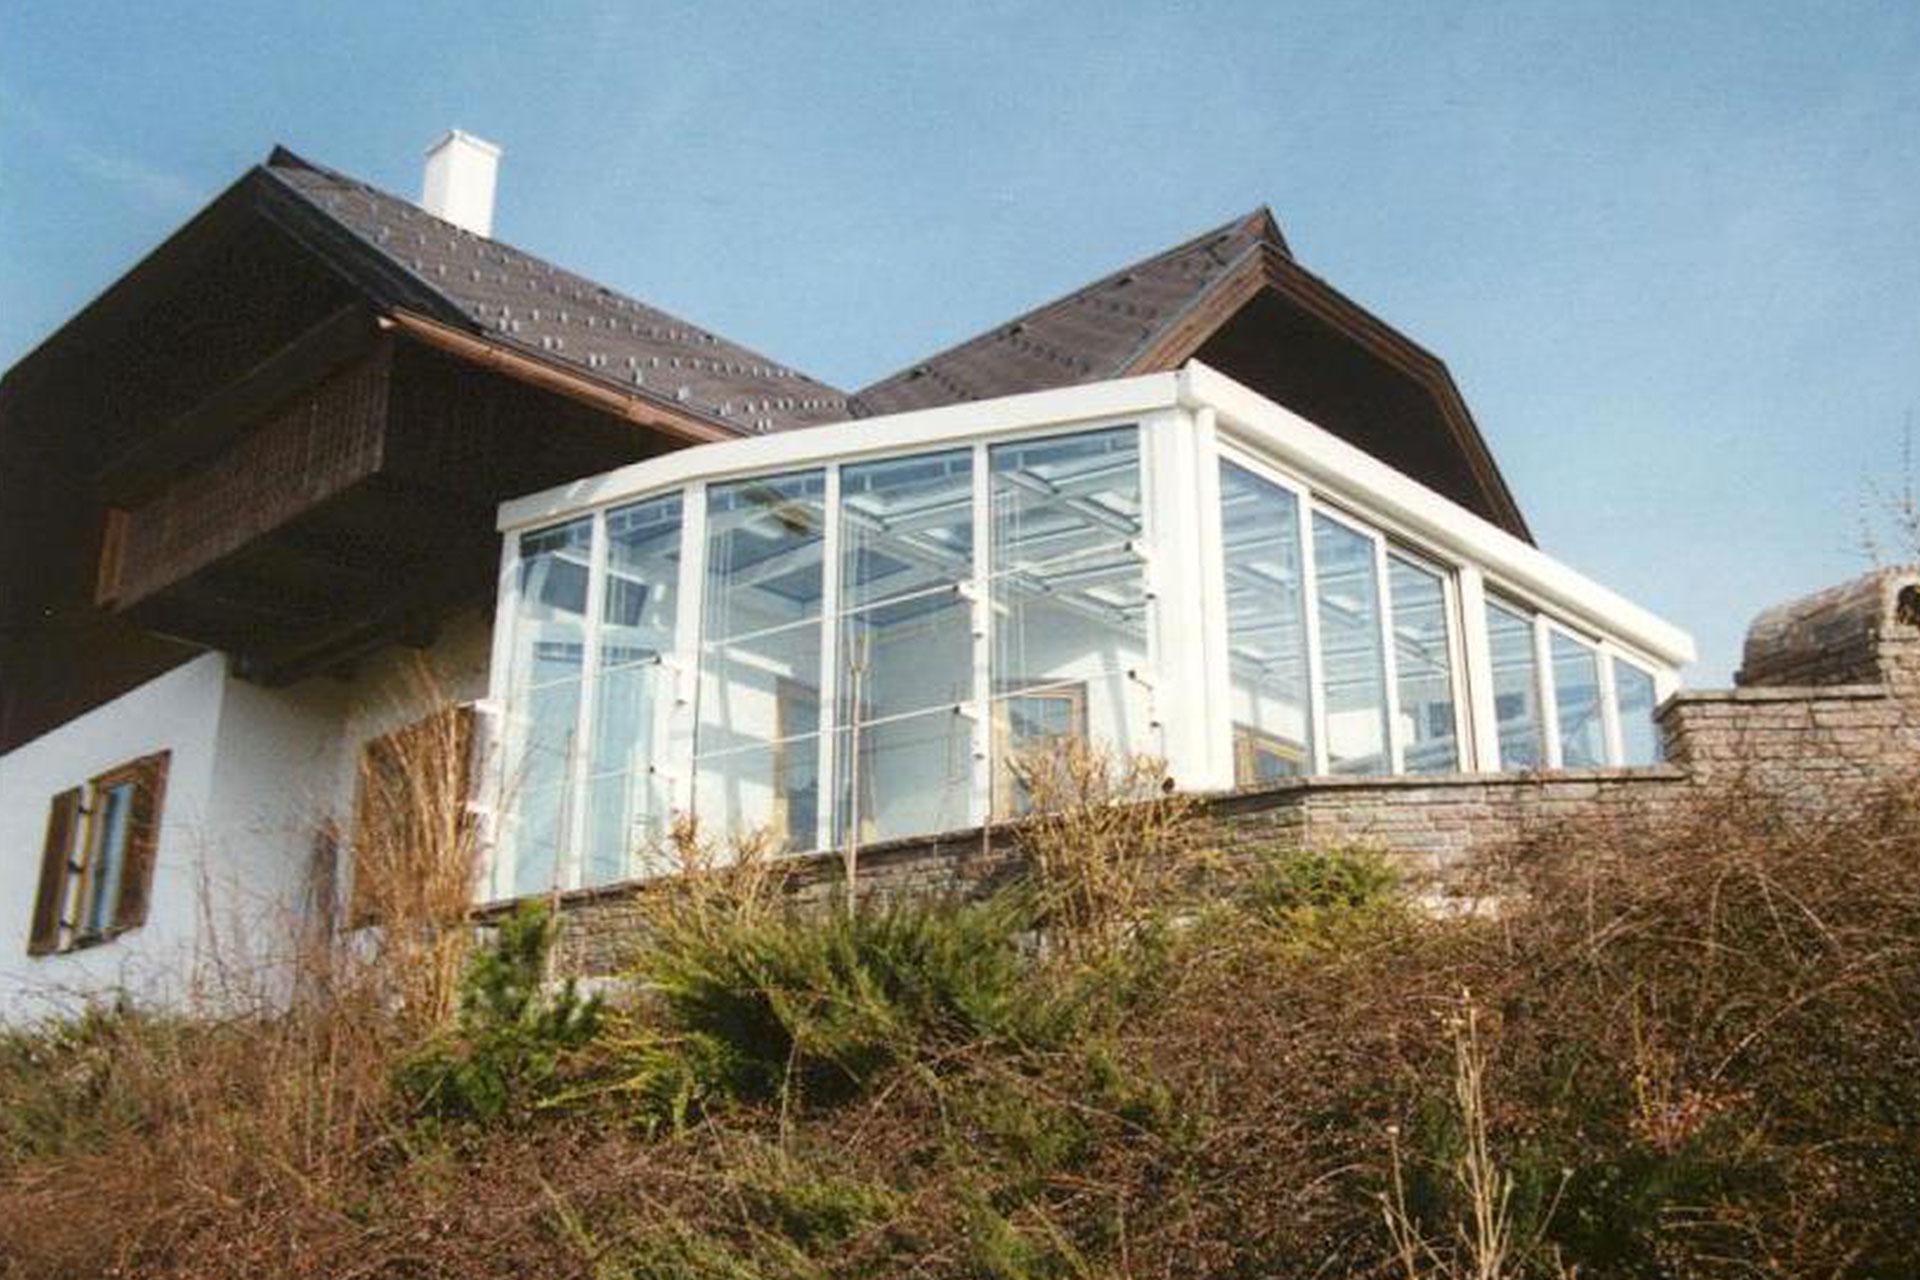 Giardino d'inverno winter garden serramenti alluminio taglio termico udine